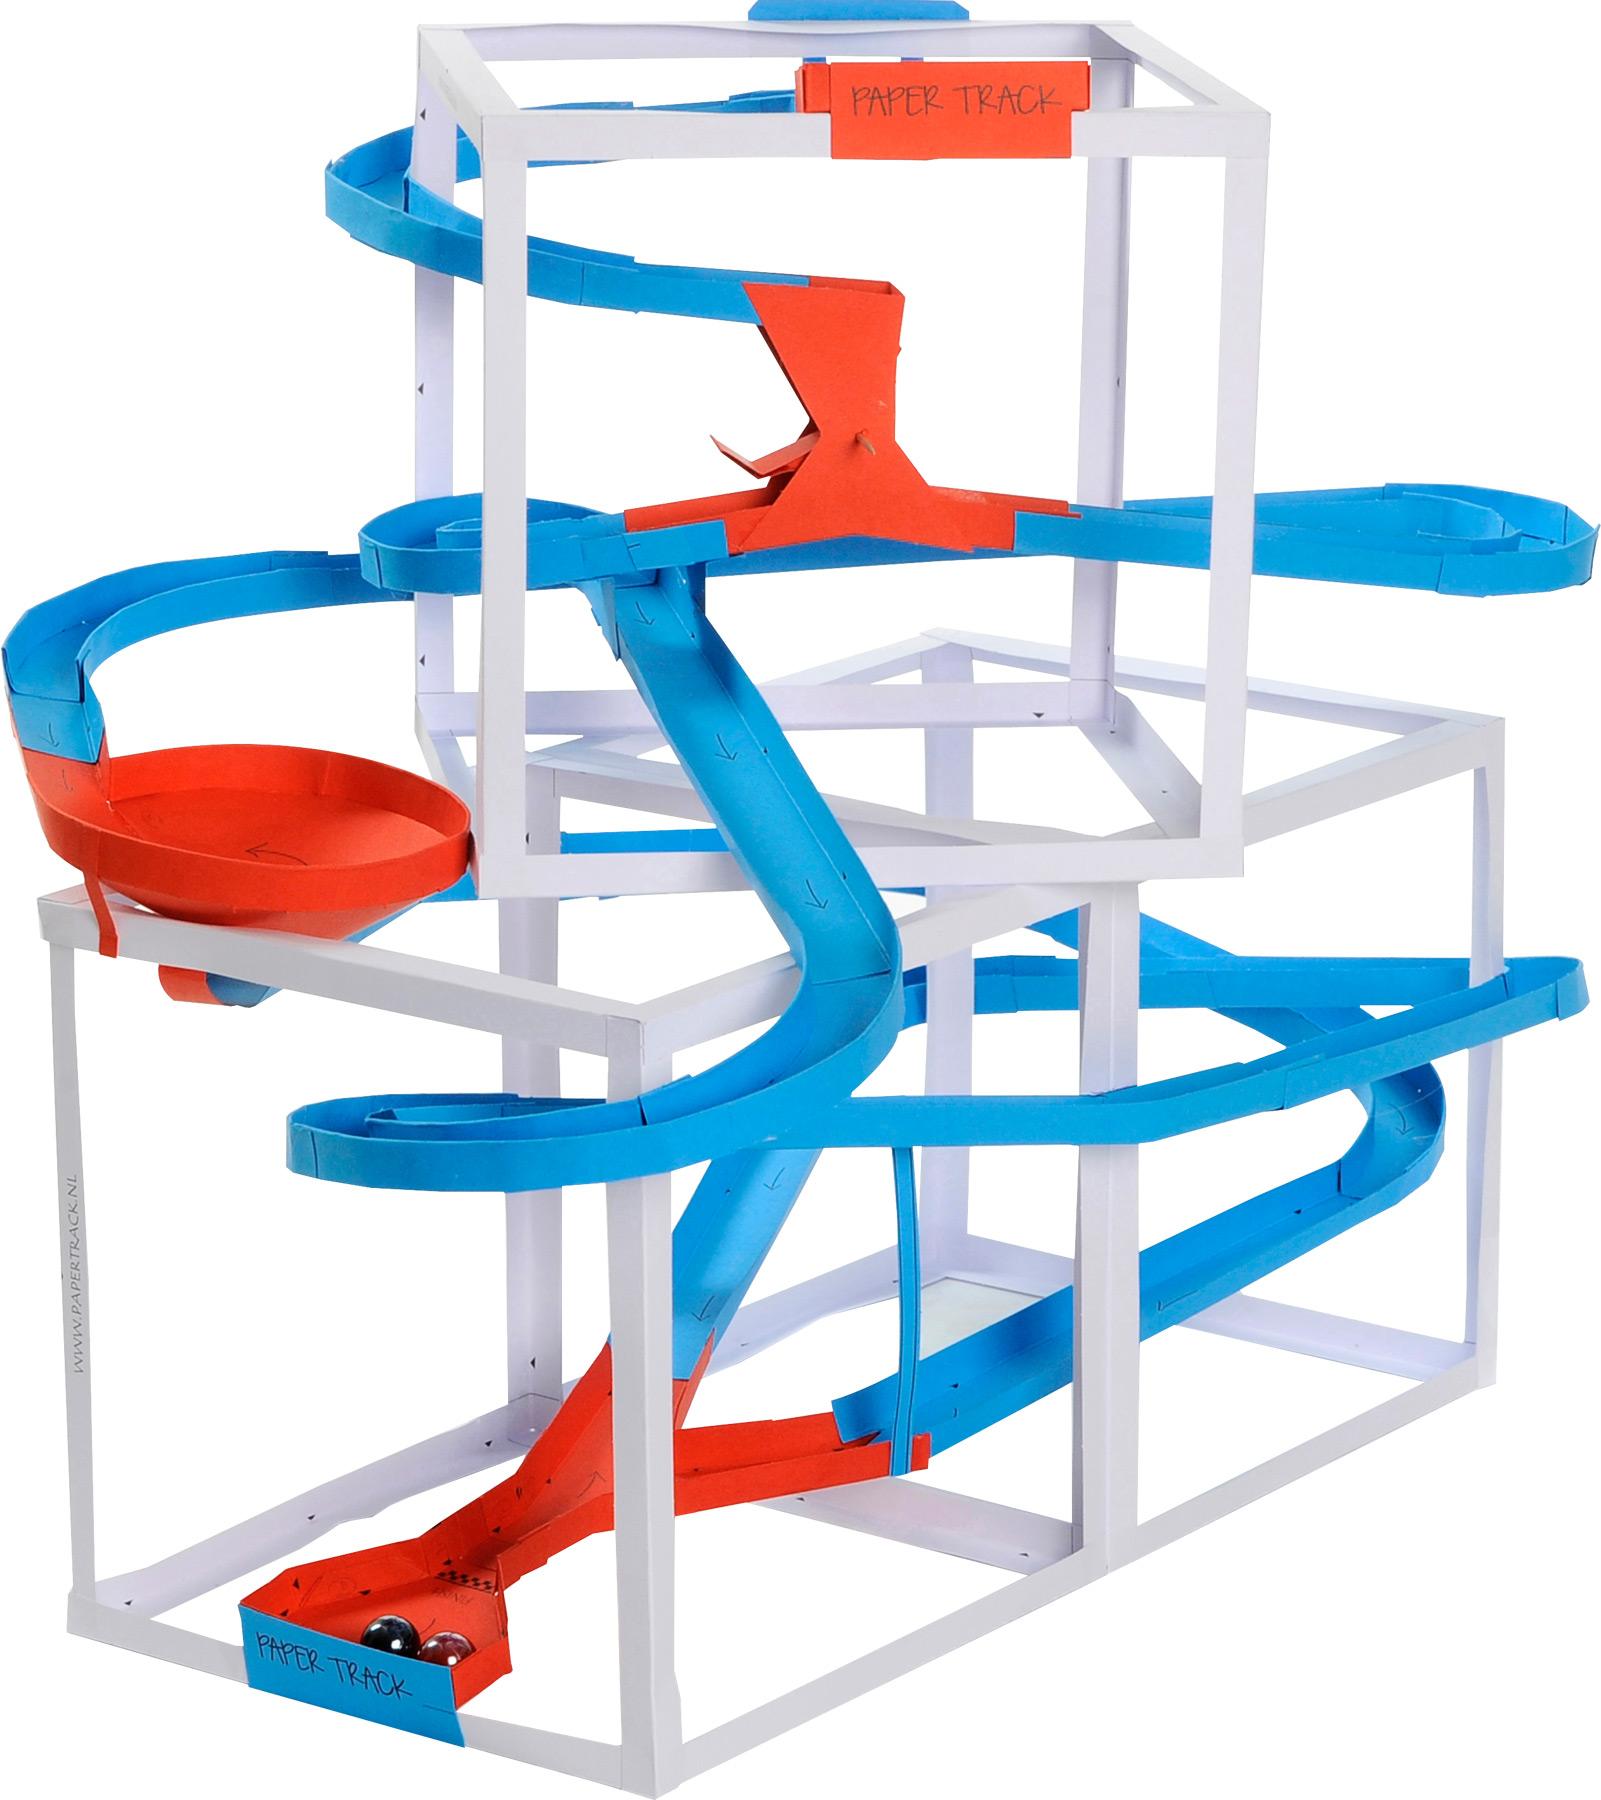 murmelbahn papertrack kugelbahn kinder spielzeug 4 8 10. Black Bedroom Furniture Sets. Home Design Ideas